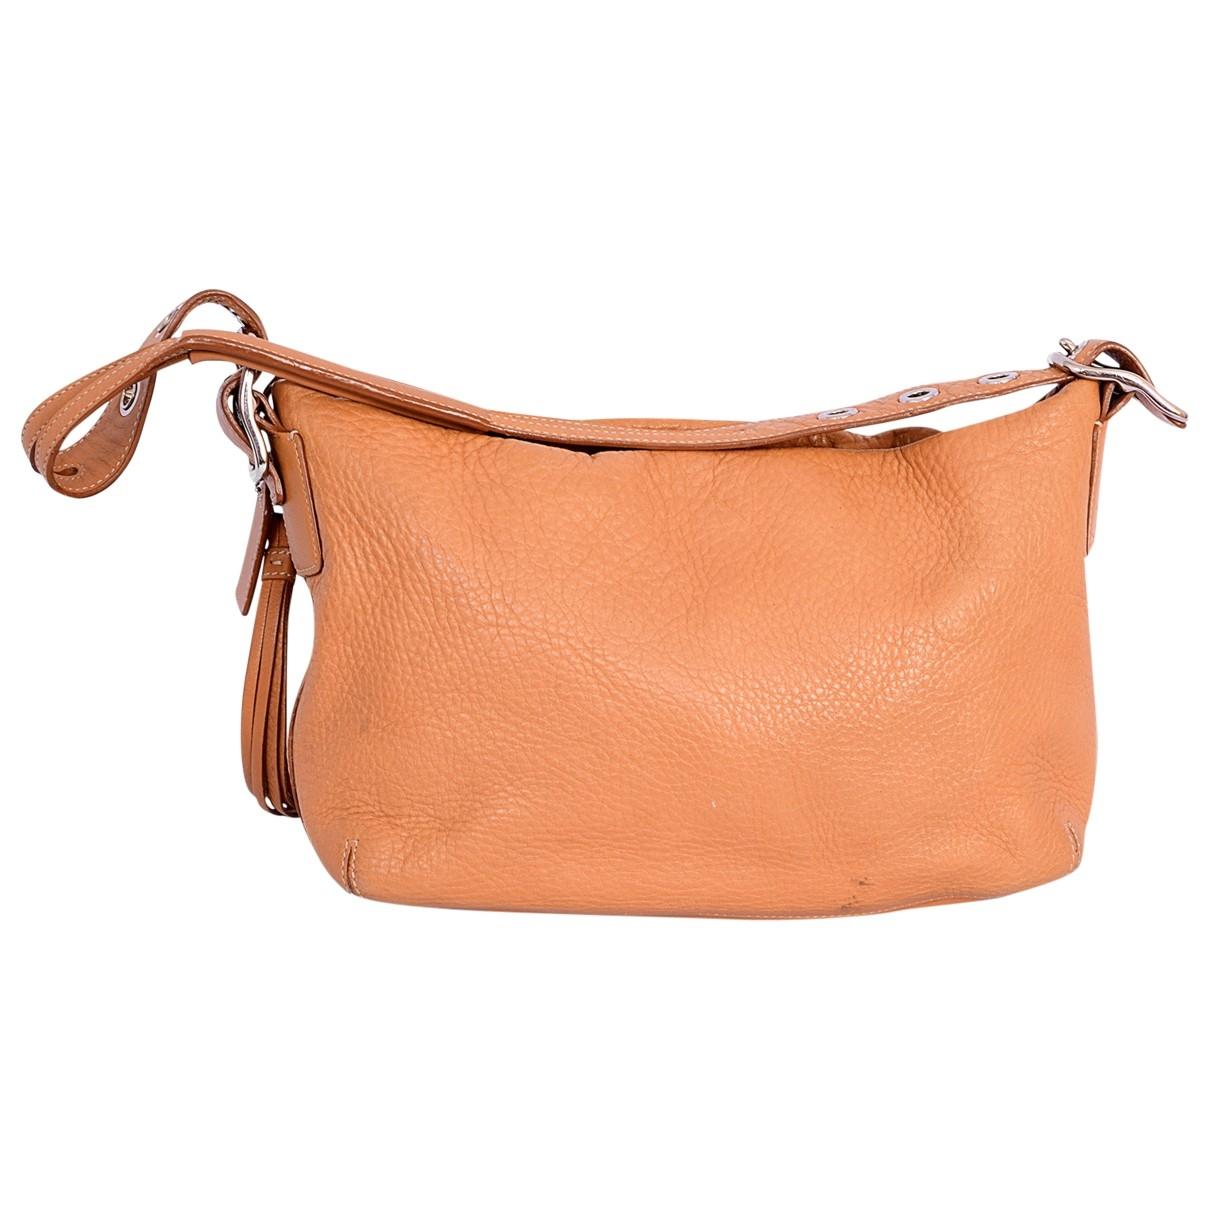 Coach \N Camel Leather handbag for Women \N